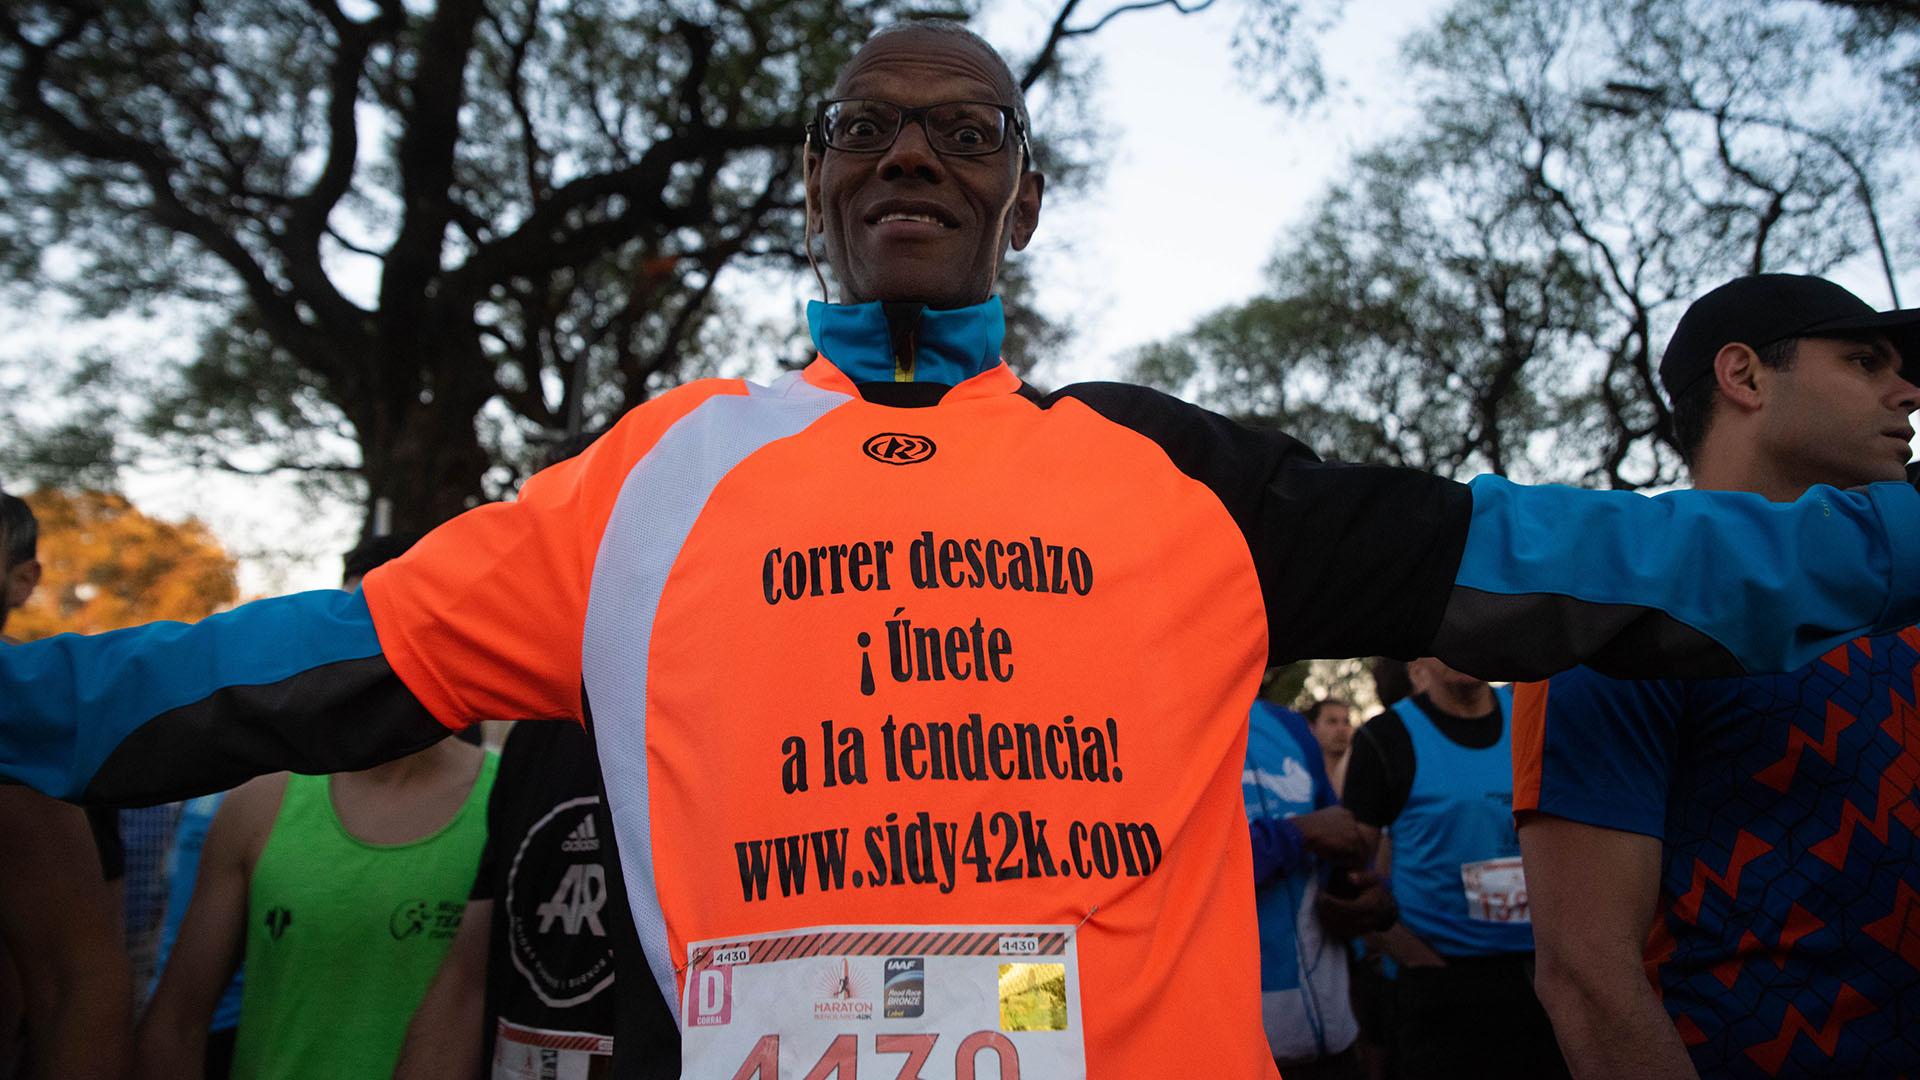 El competidor que invita a sus pares a participar de las maratones sin calzado